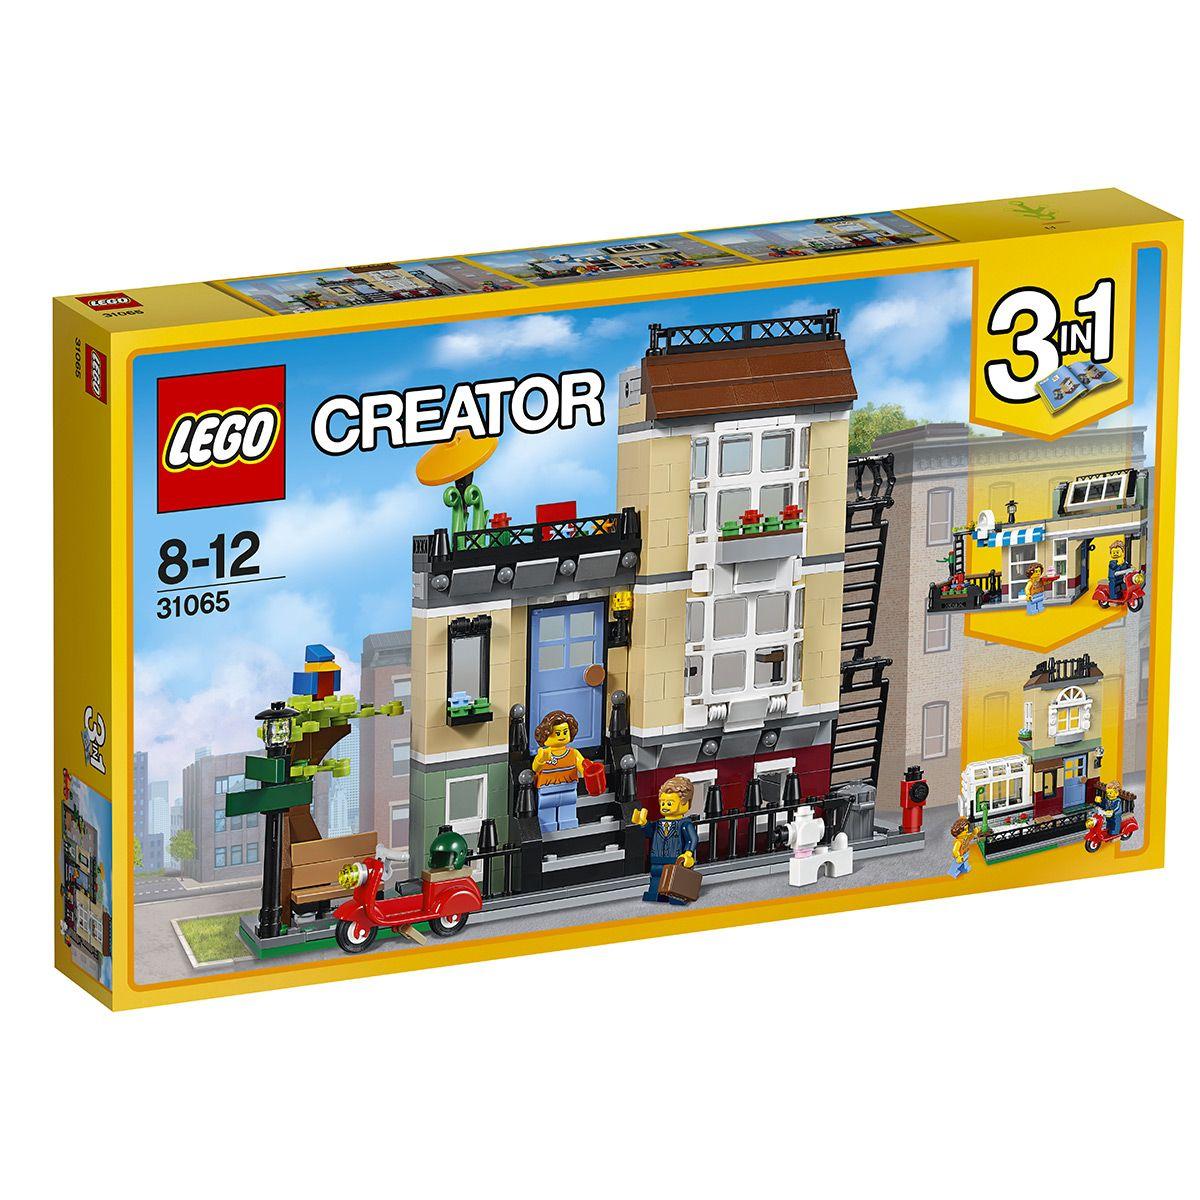 magasin meilleurs vendeurs dessin de mode prix réduit La maison de ville LEGO Creator 3 en 1 31065 - Ville et ...